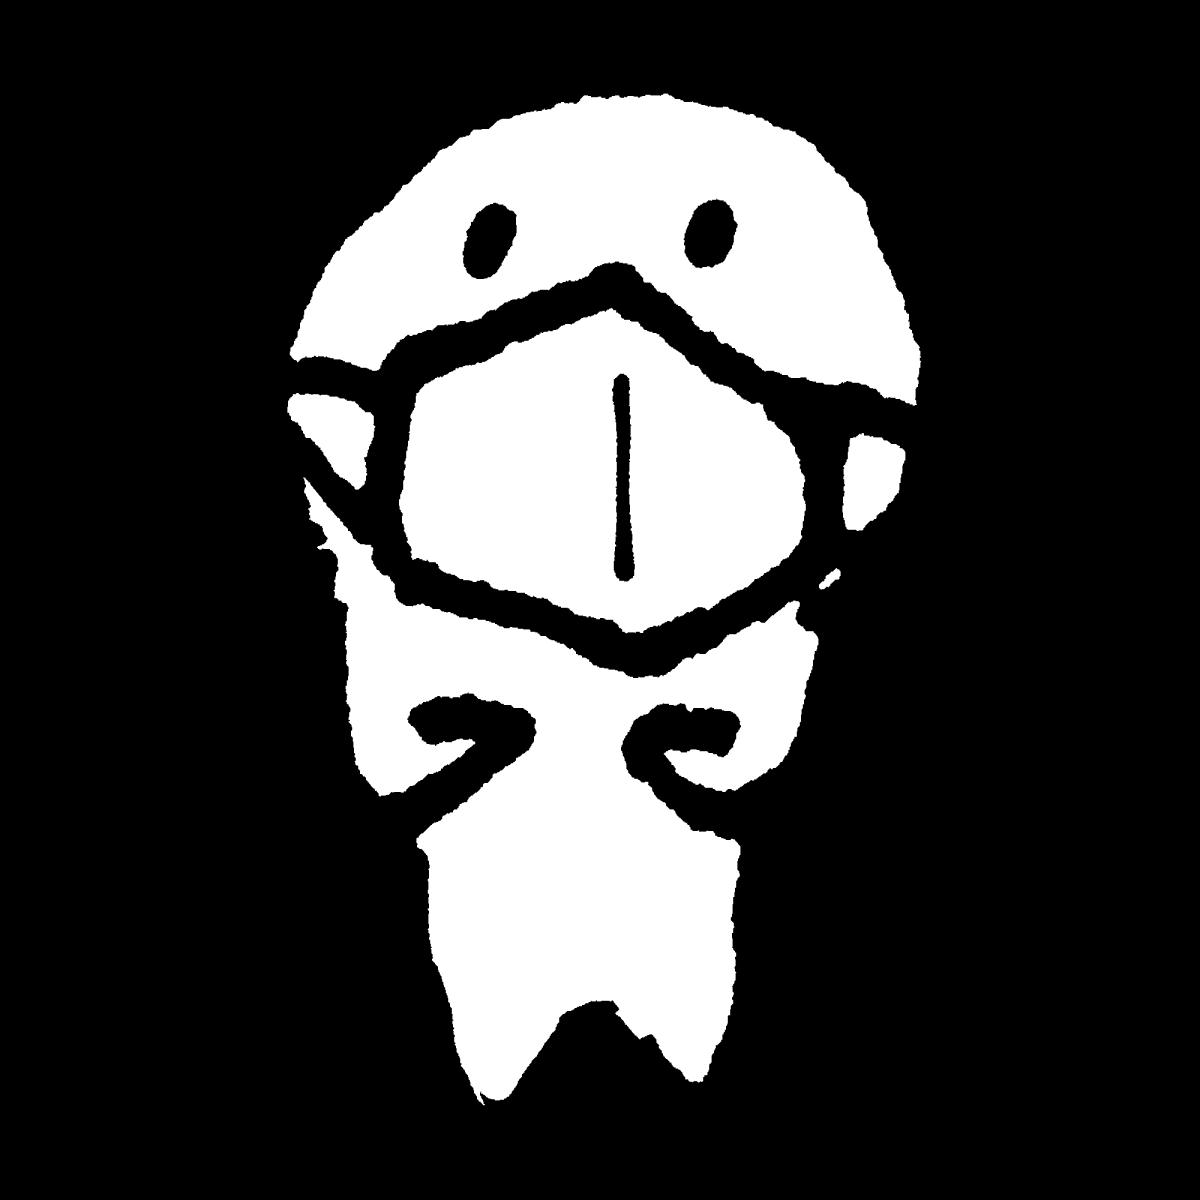 マスクをつける3のイラスト Wearing a Mask3  Illustration